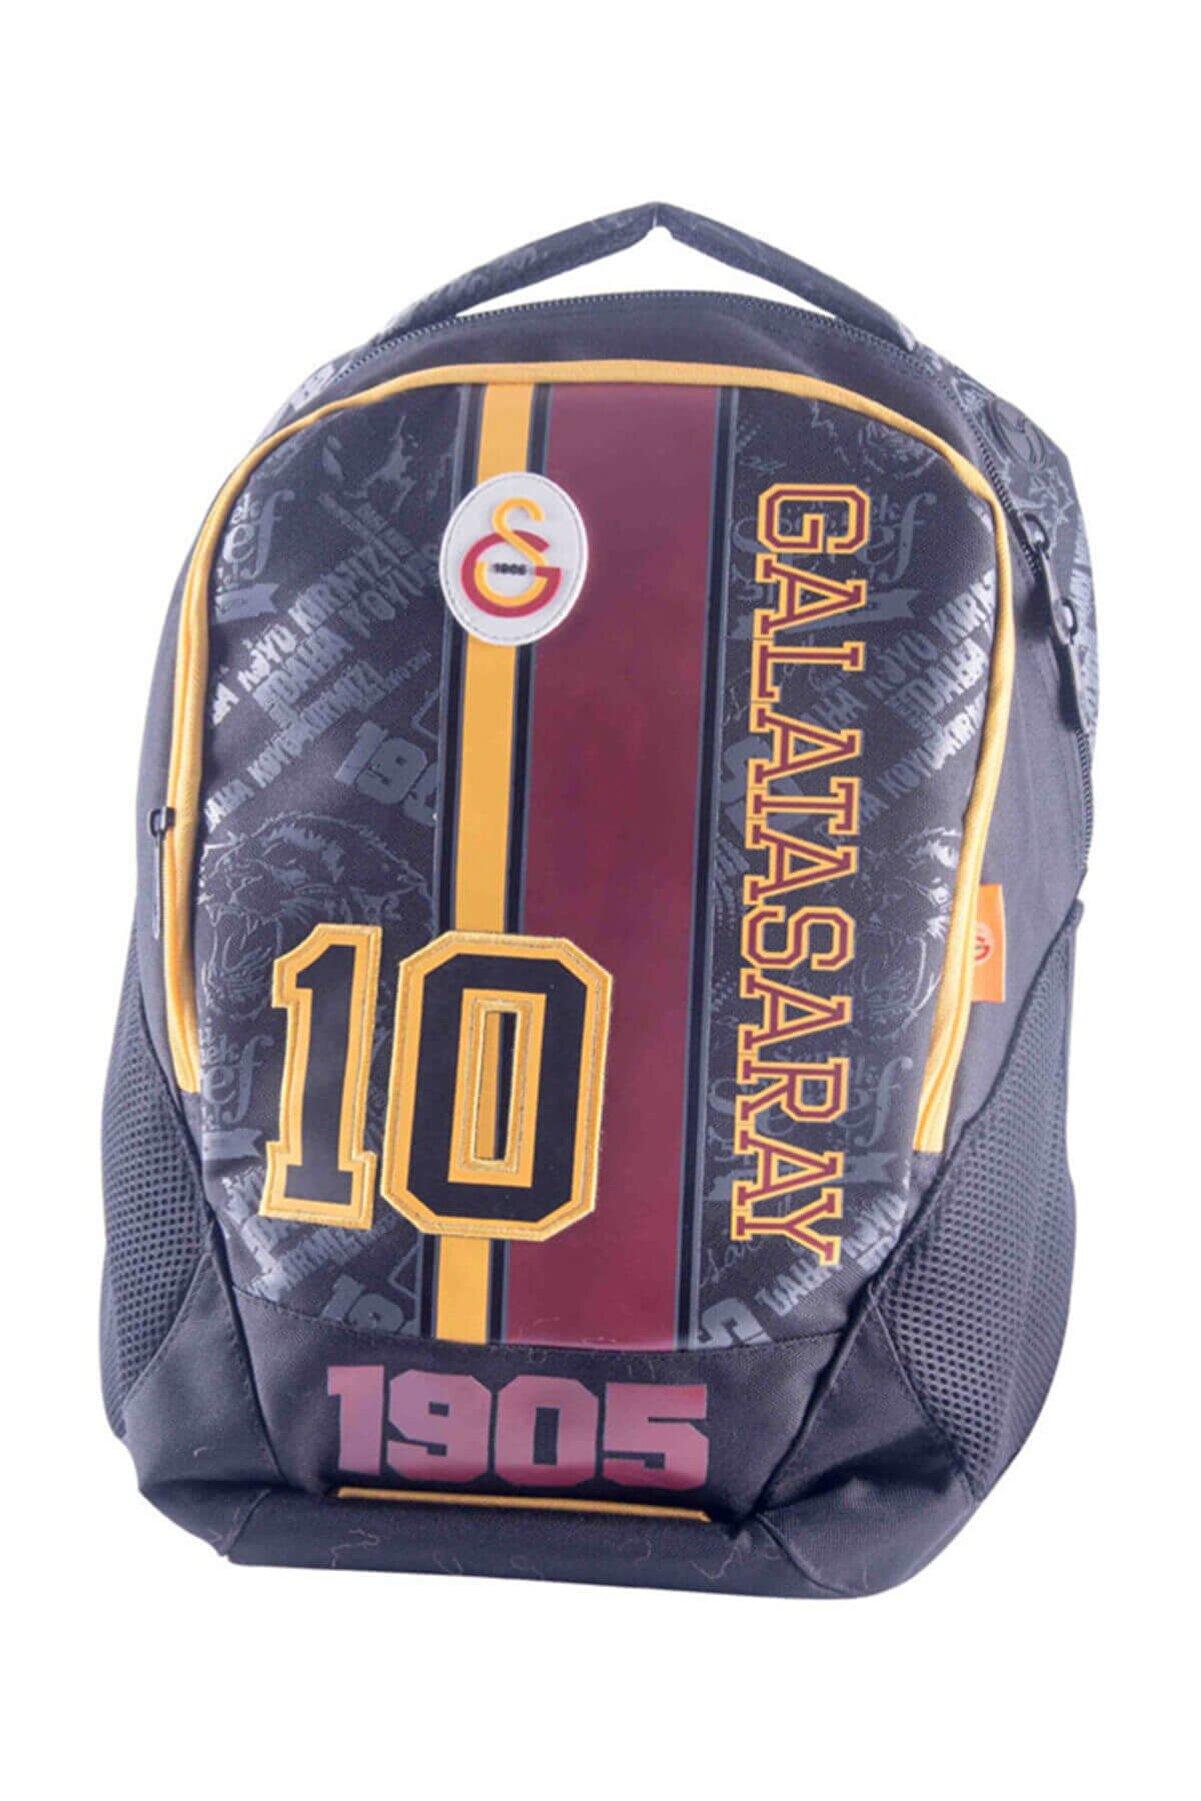 Galatasaray Galatasaray Sırt Çantası 86941 Kırmızı /